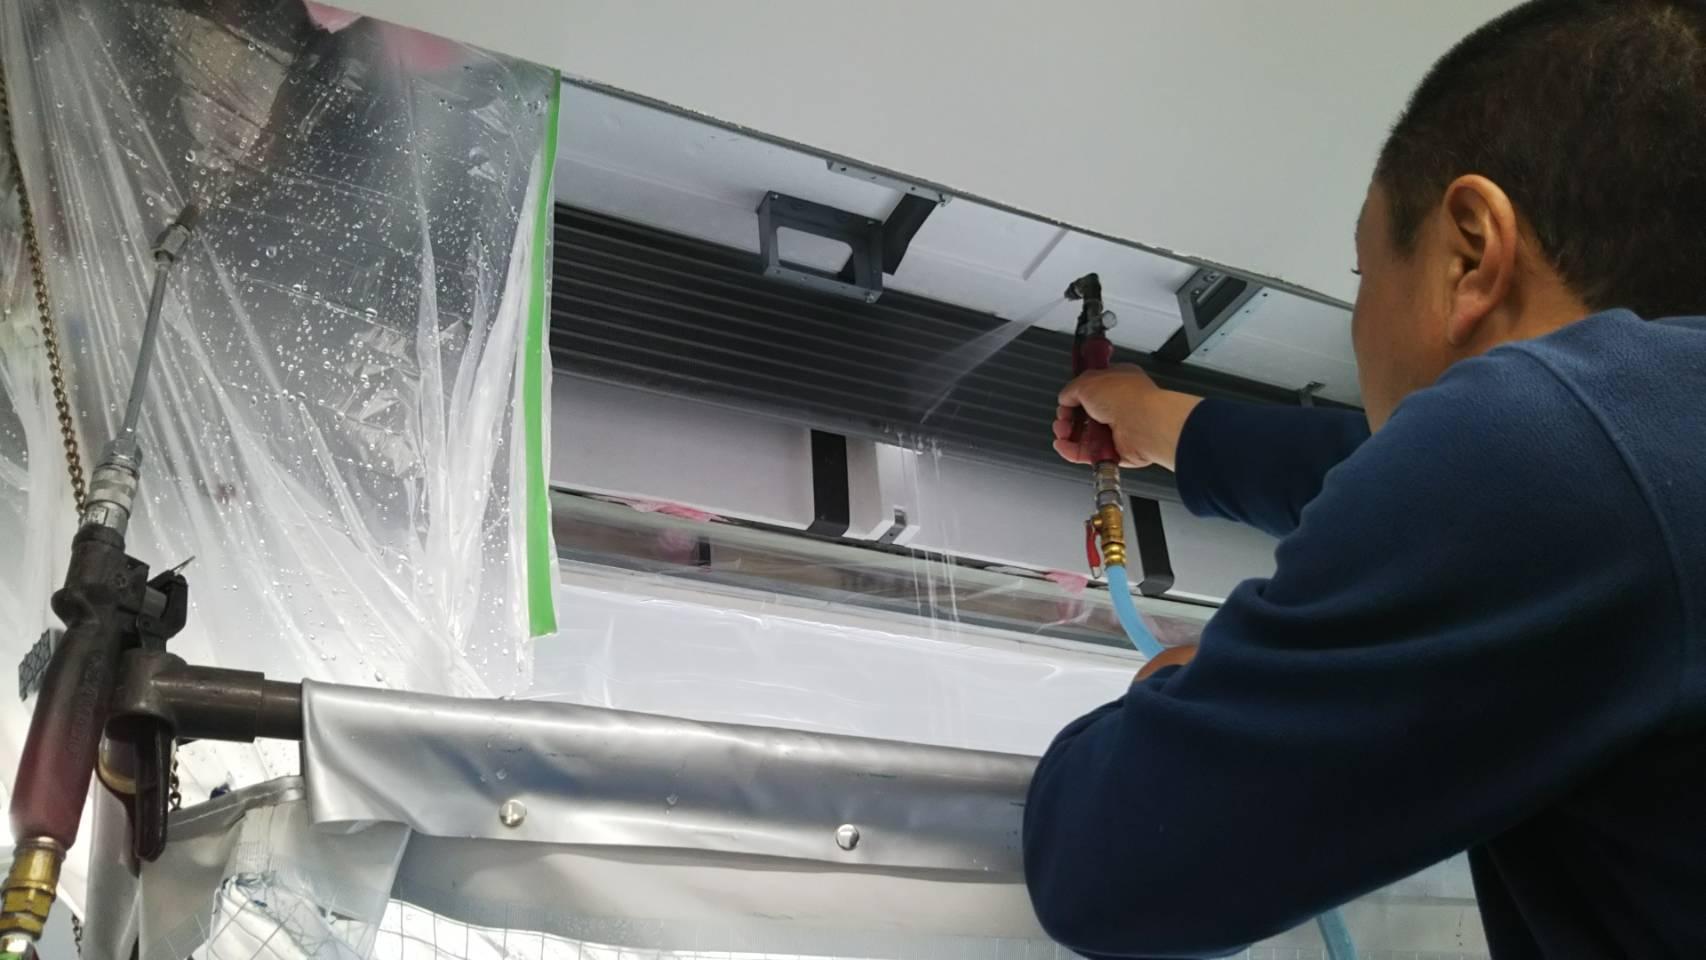 天井カセットエアコン2方向 分解クリーニング